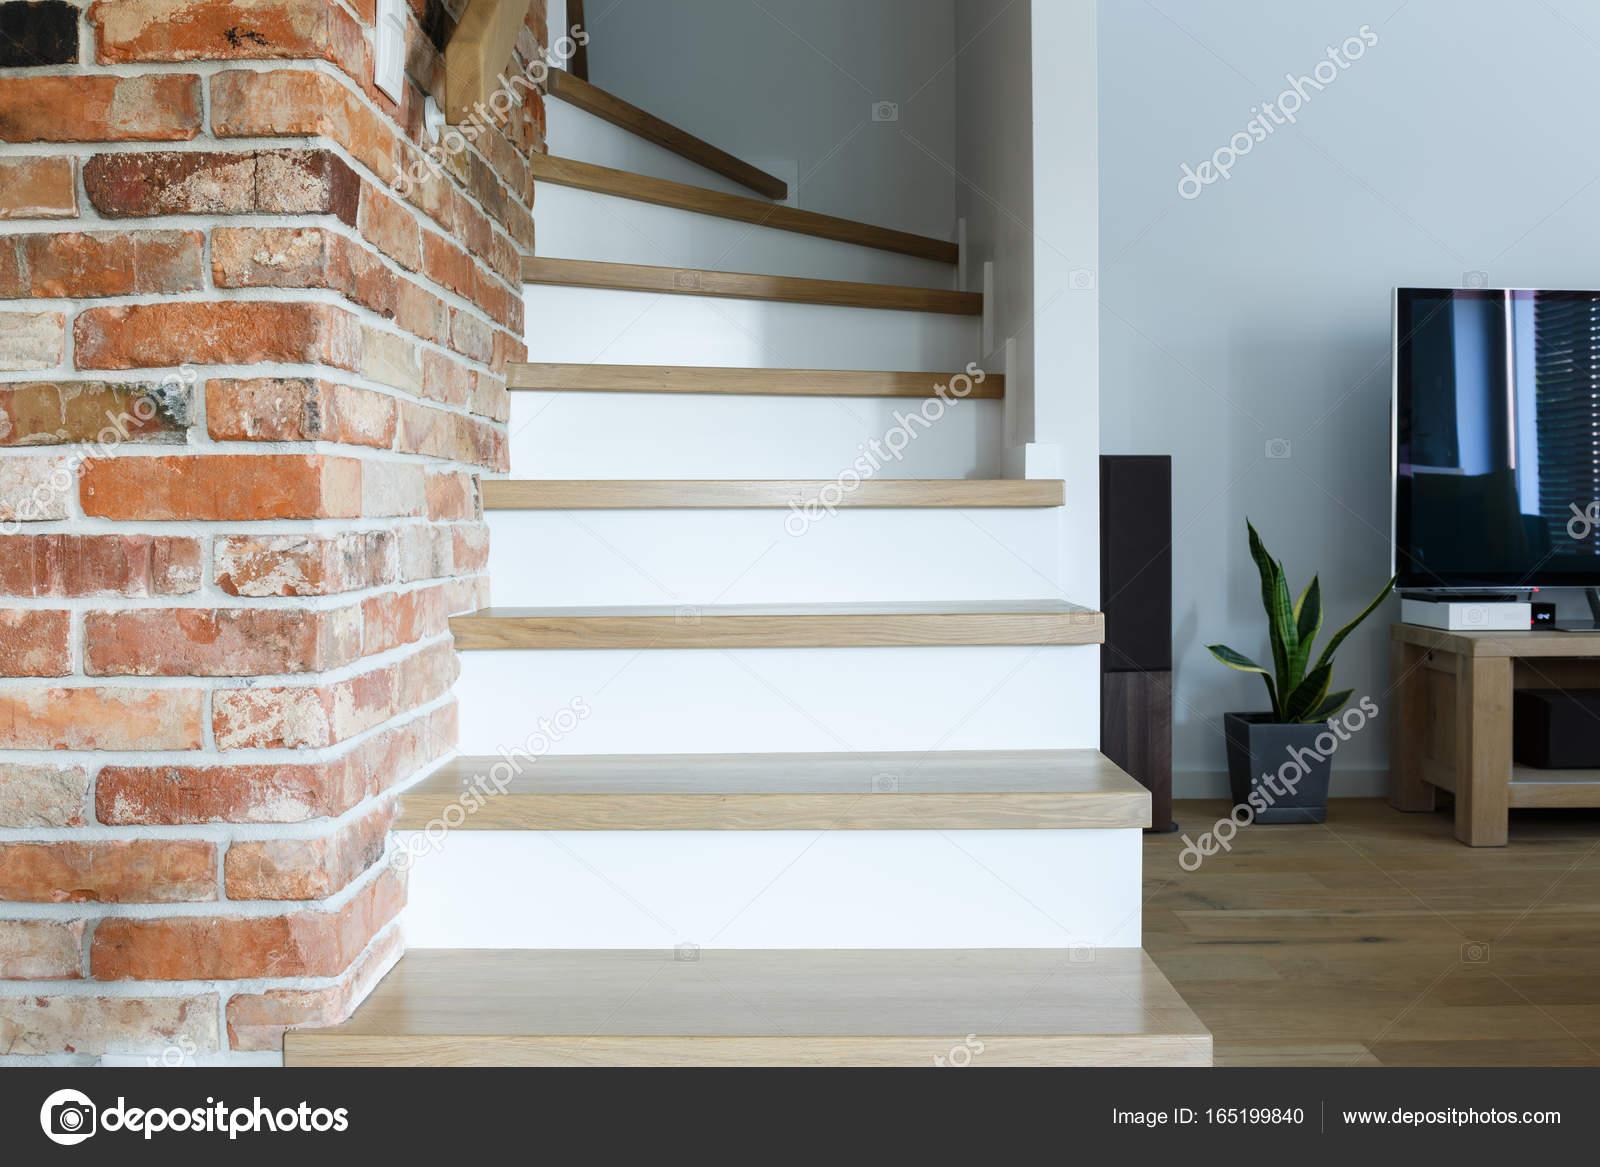 Pared de ladrillo y escaleras de madera foto de stock - Escaleras de ladrillo ...